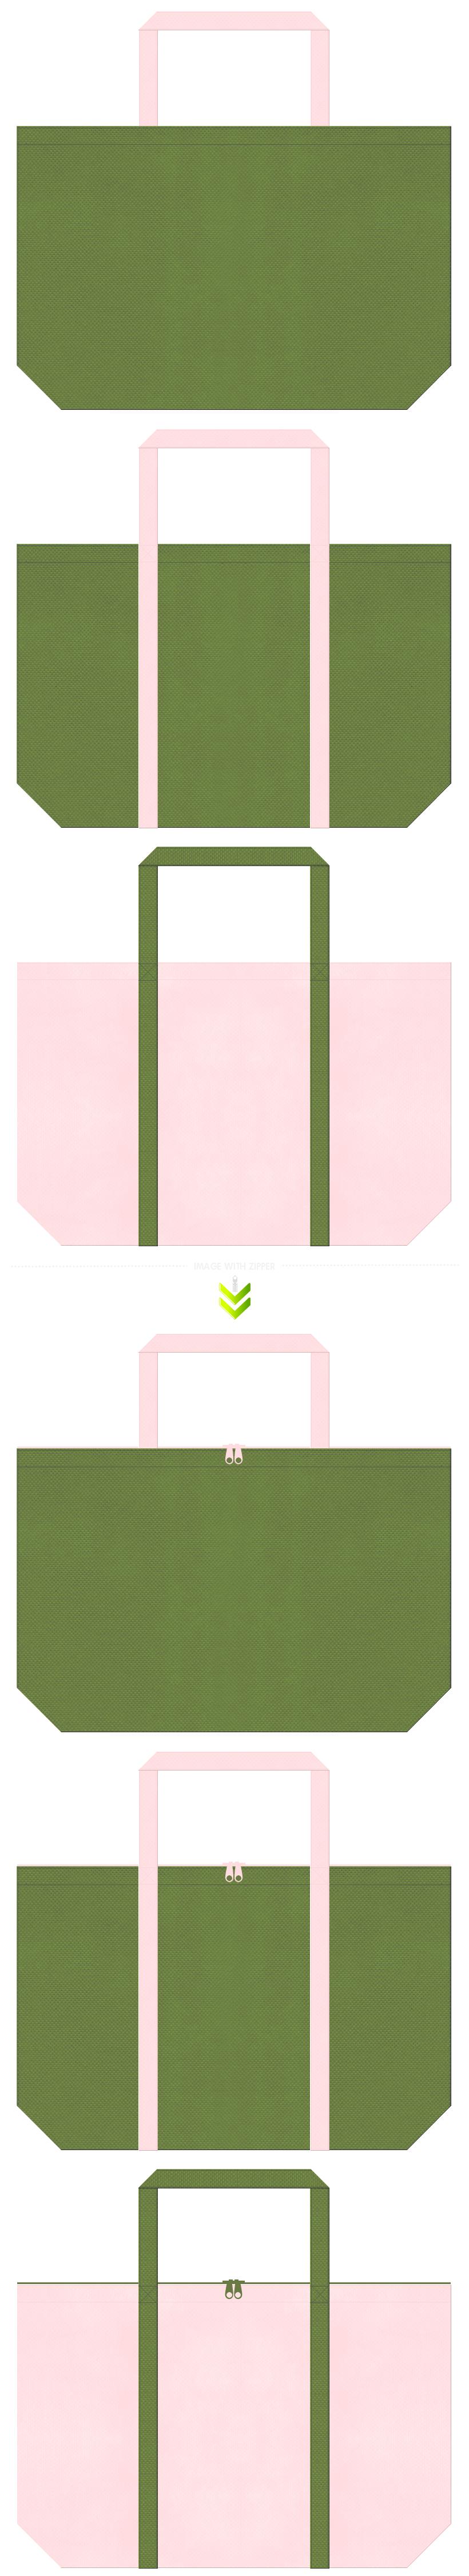 草色と桜色の不織布バッグデザイン。和雑貨のショッピングバッグや着物クリーニングのバッグにお奨めです。桜餅・三色団子風の配色です。